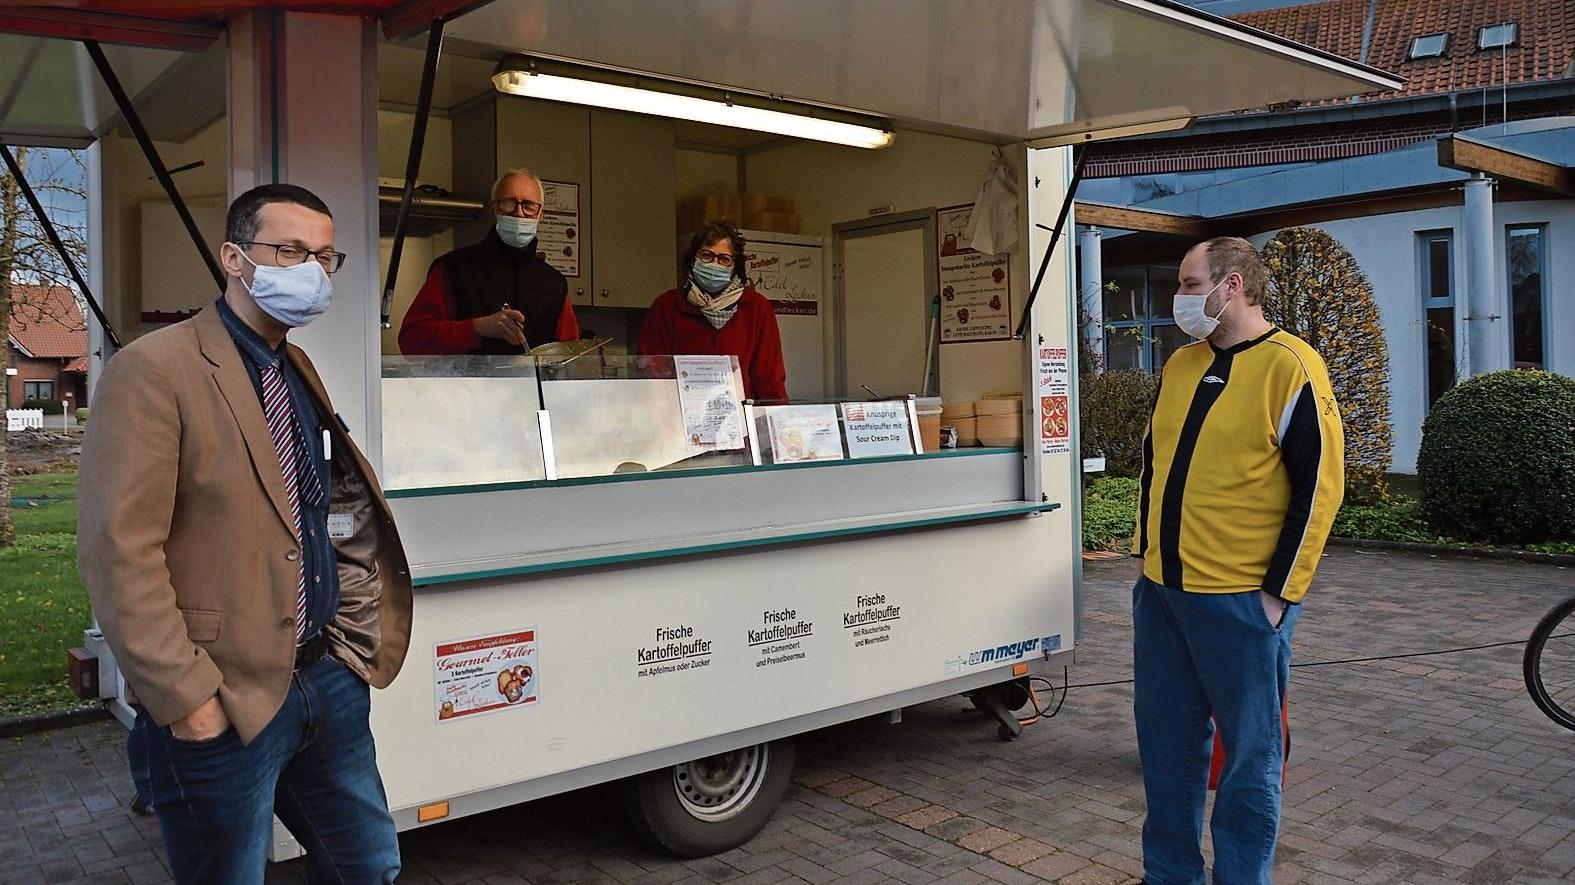 Knuspriger Gru��: Das Ehepaar Afflerbach bereitete für die Bewohner des Altenheims leckere Kartoffelpuffer zu. Foto: Landwehr